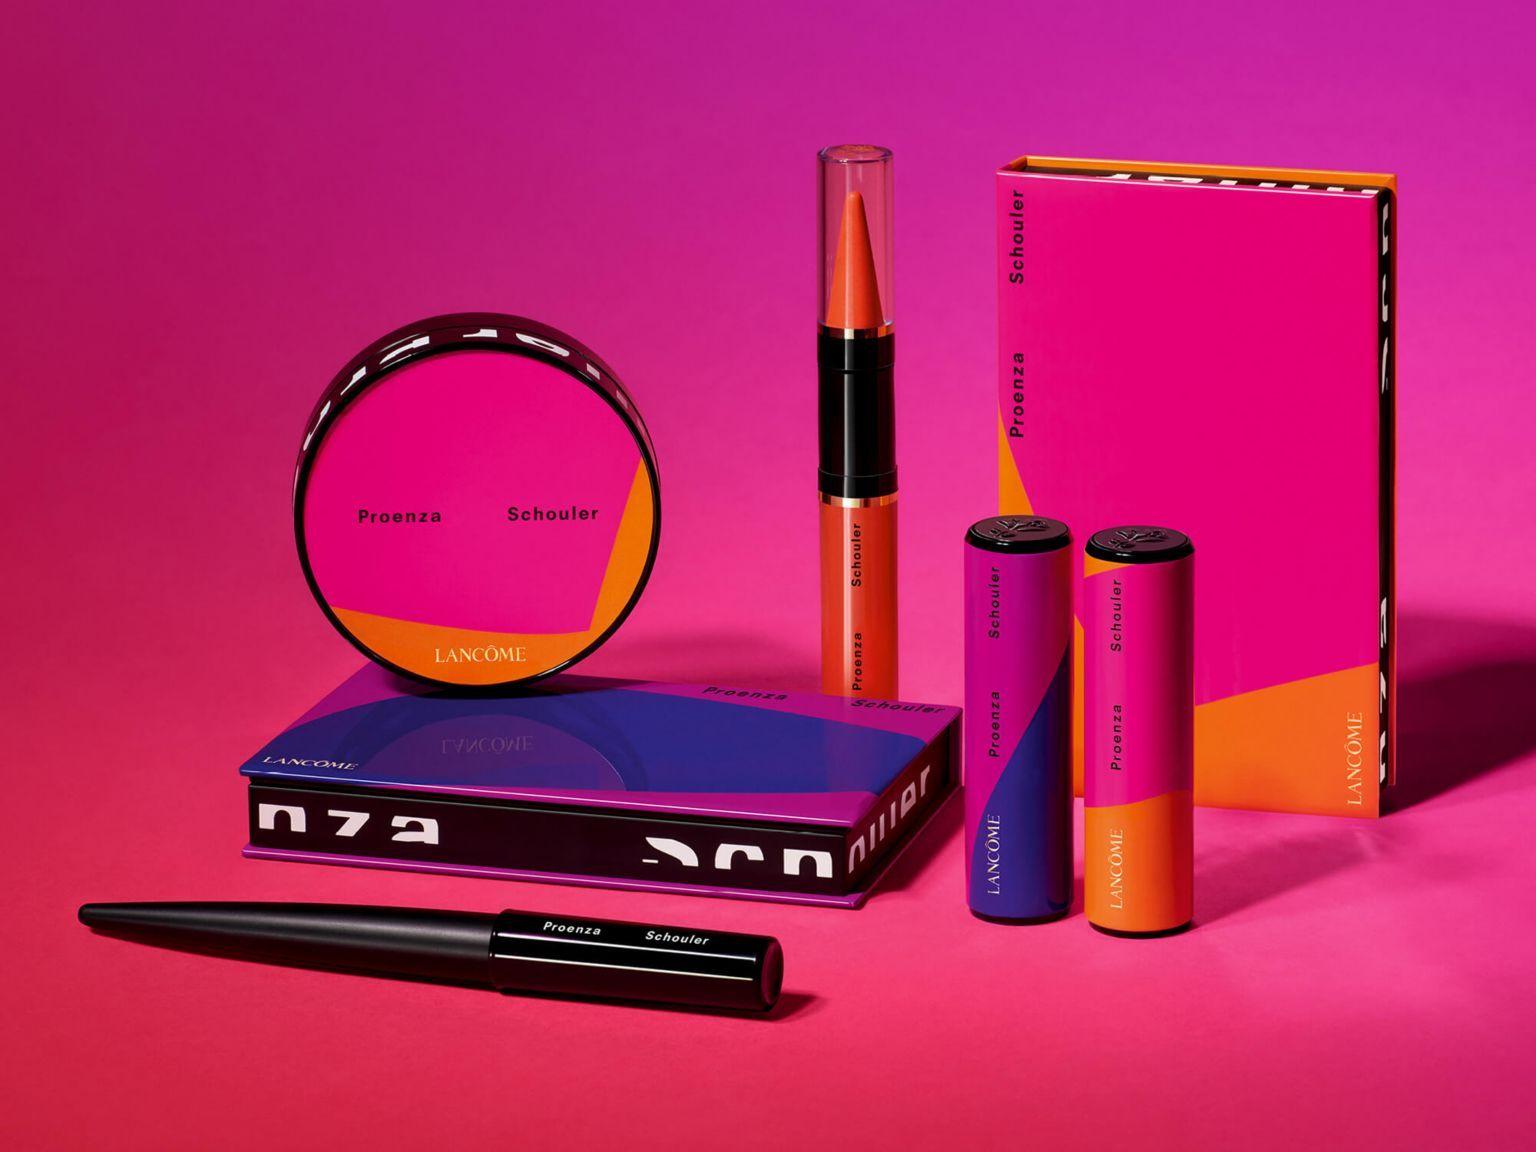 Beautyblog Bare Minds News September Proenza Schouler x Lancôme